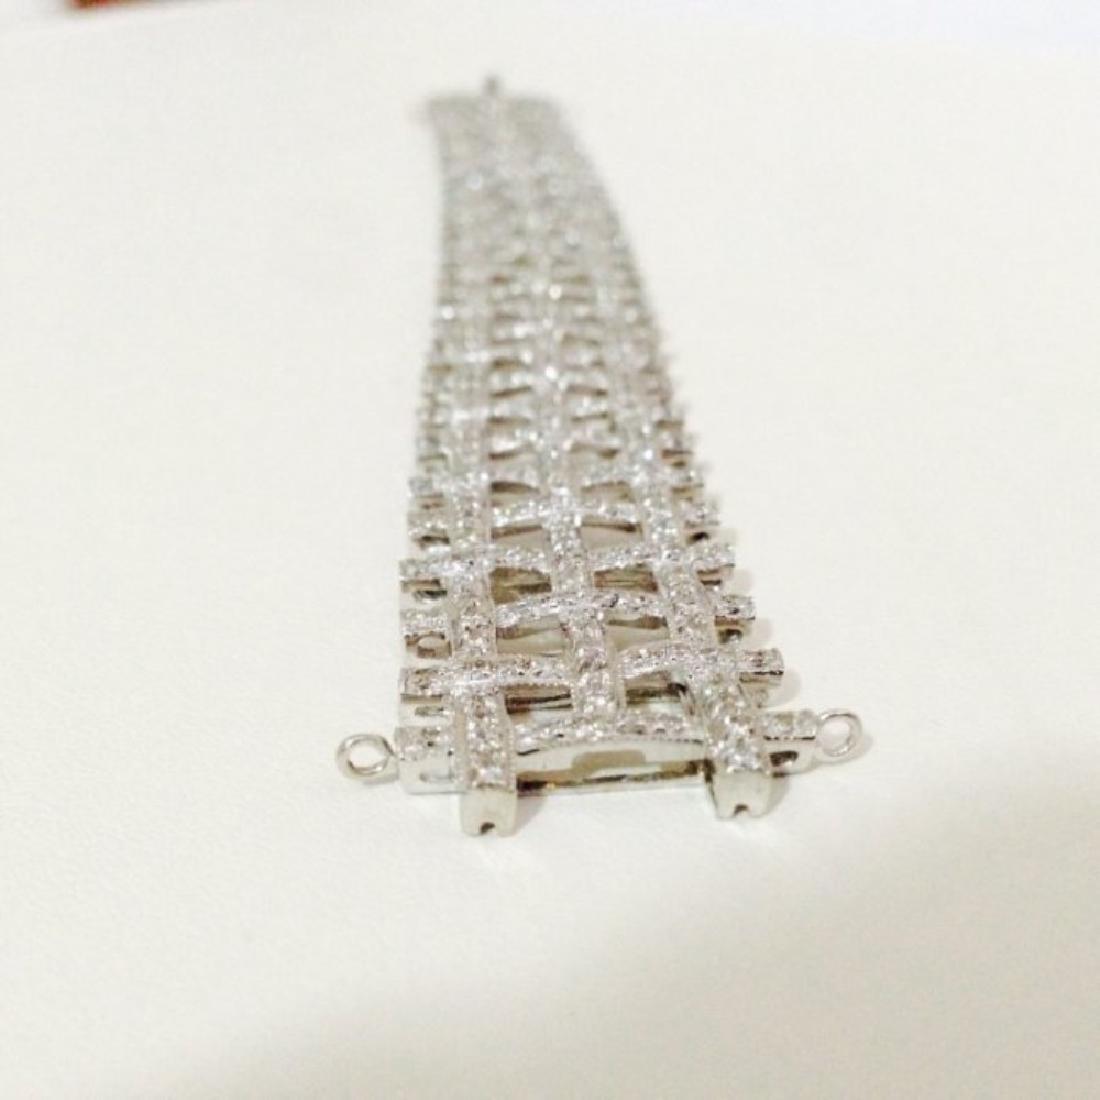 5 CARAT DIAMOND BRACELET SET IN 14K WHITE GOLD $17,750 - 2